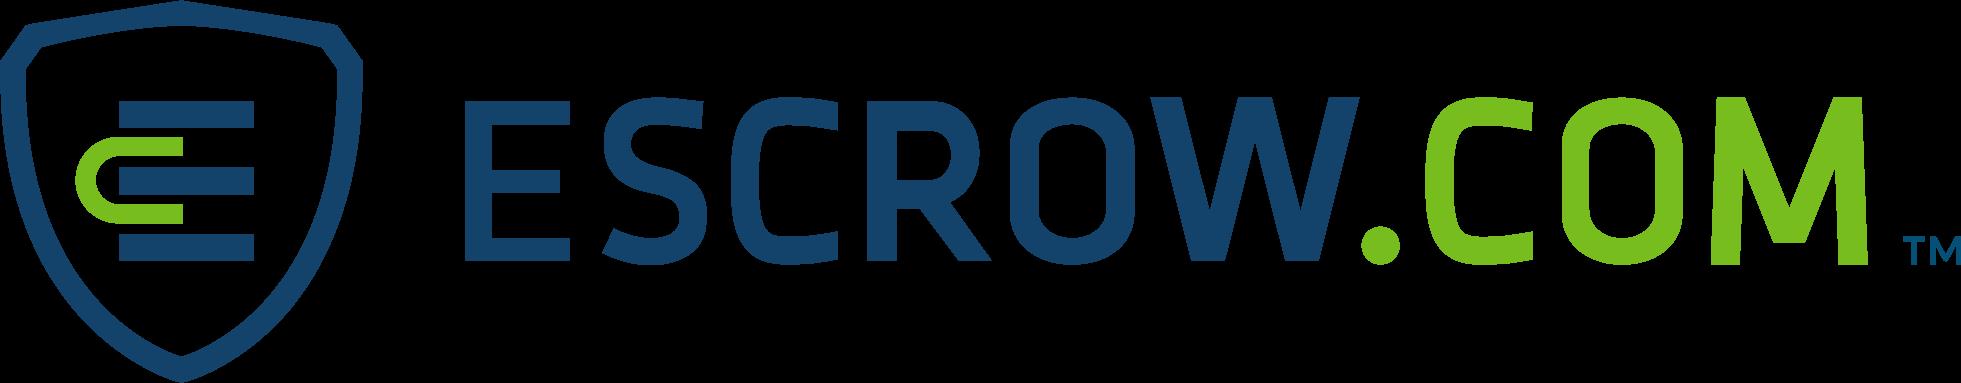 Escrow_com_logo.png